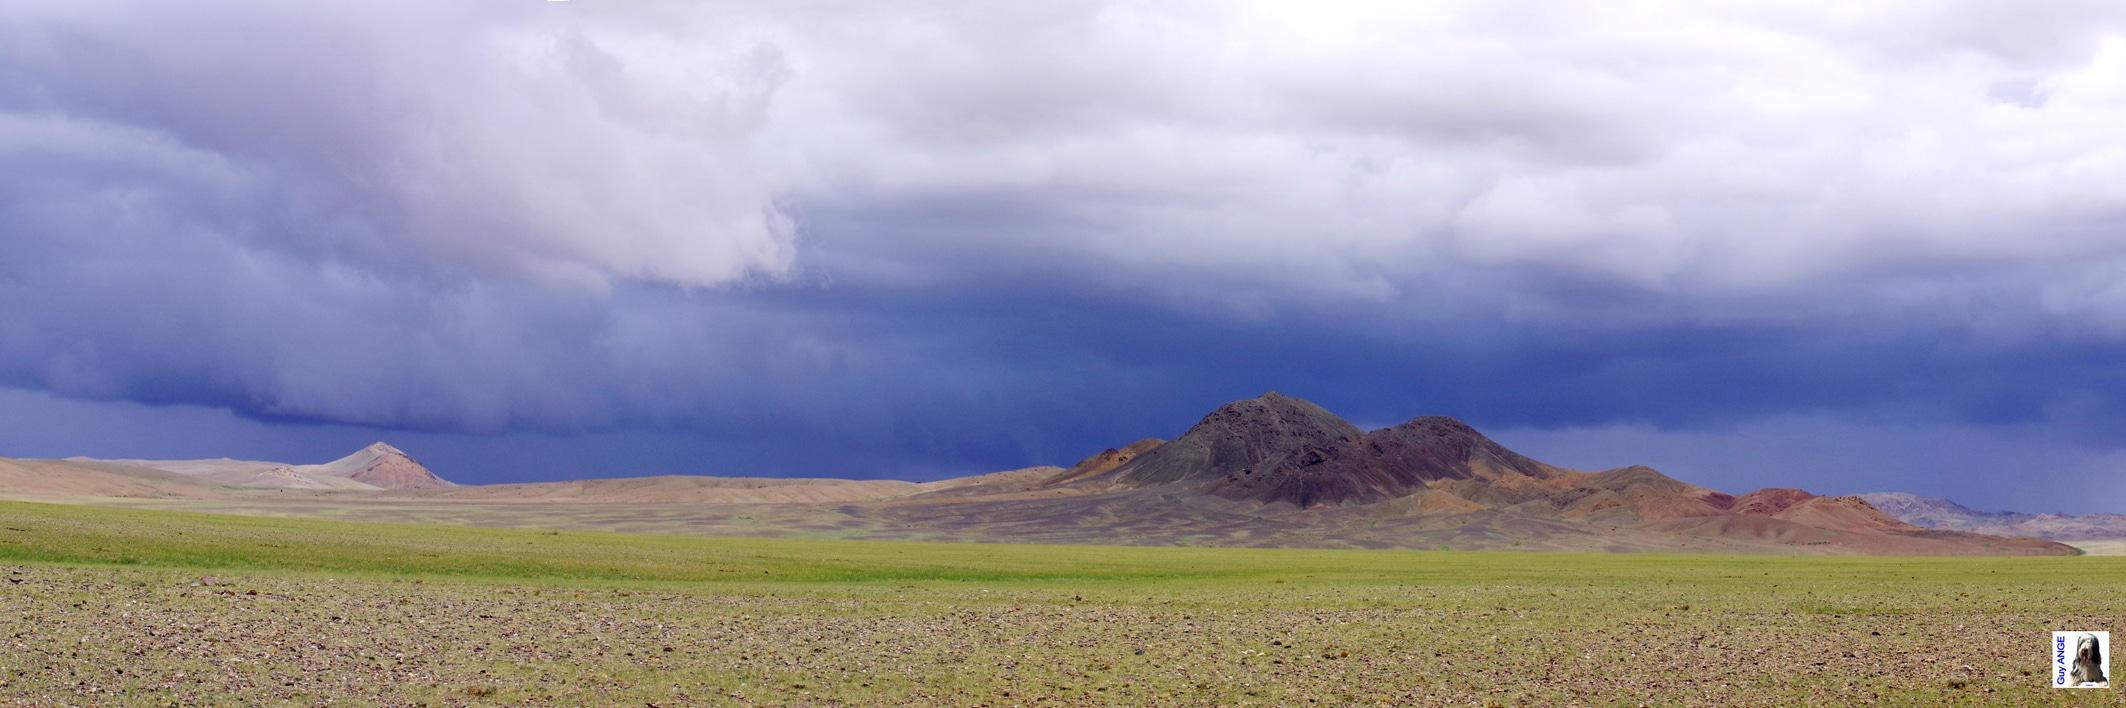 Orage menaçant en plein désert mongole.